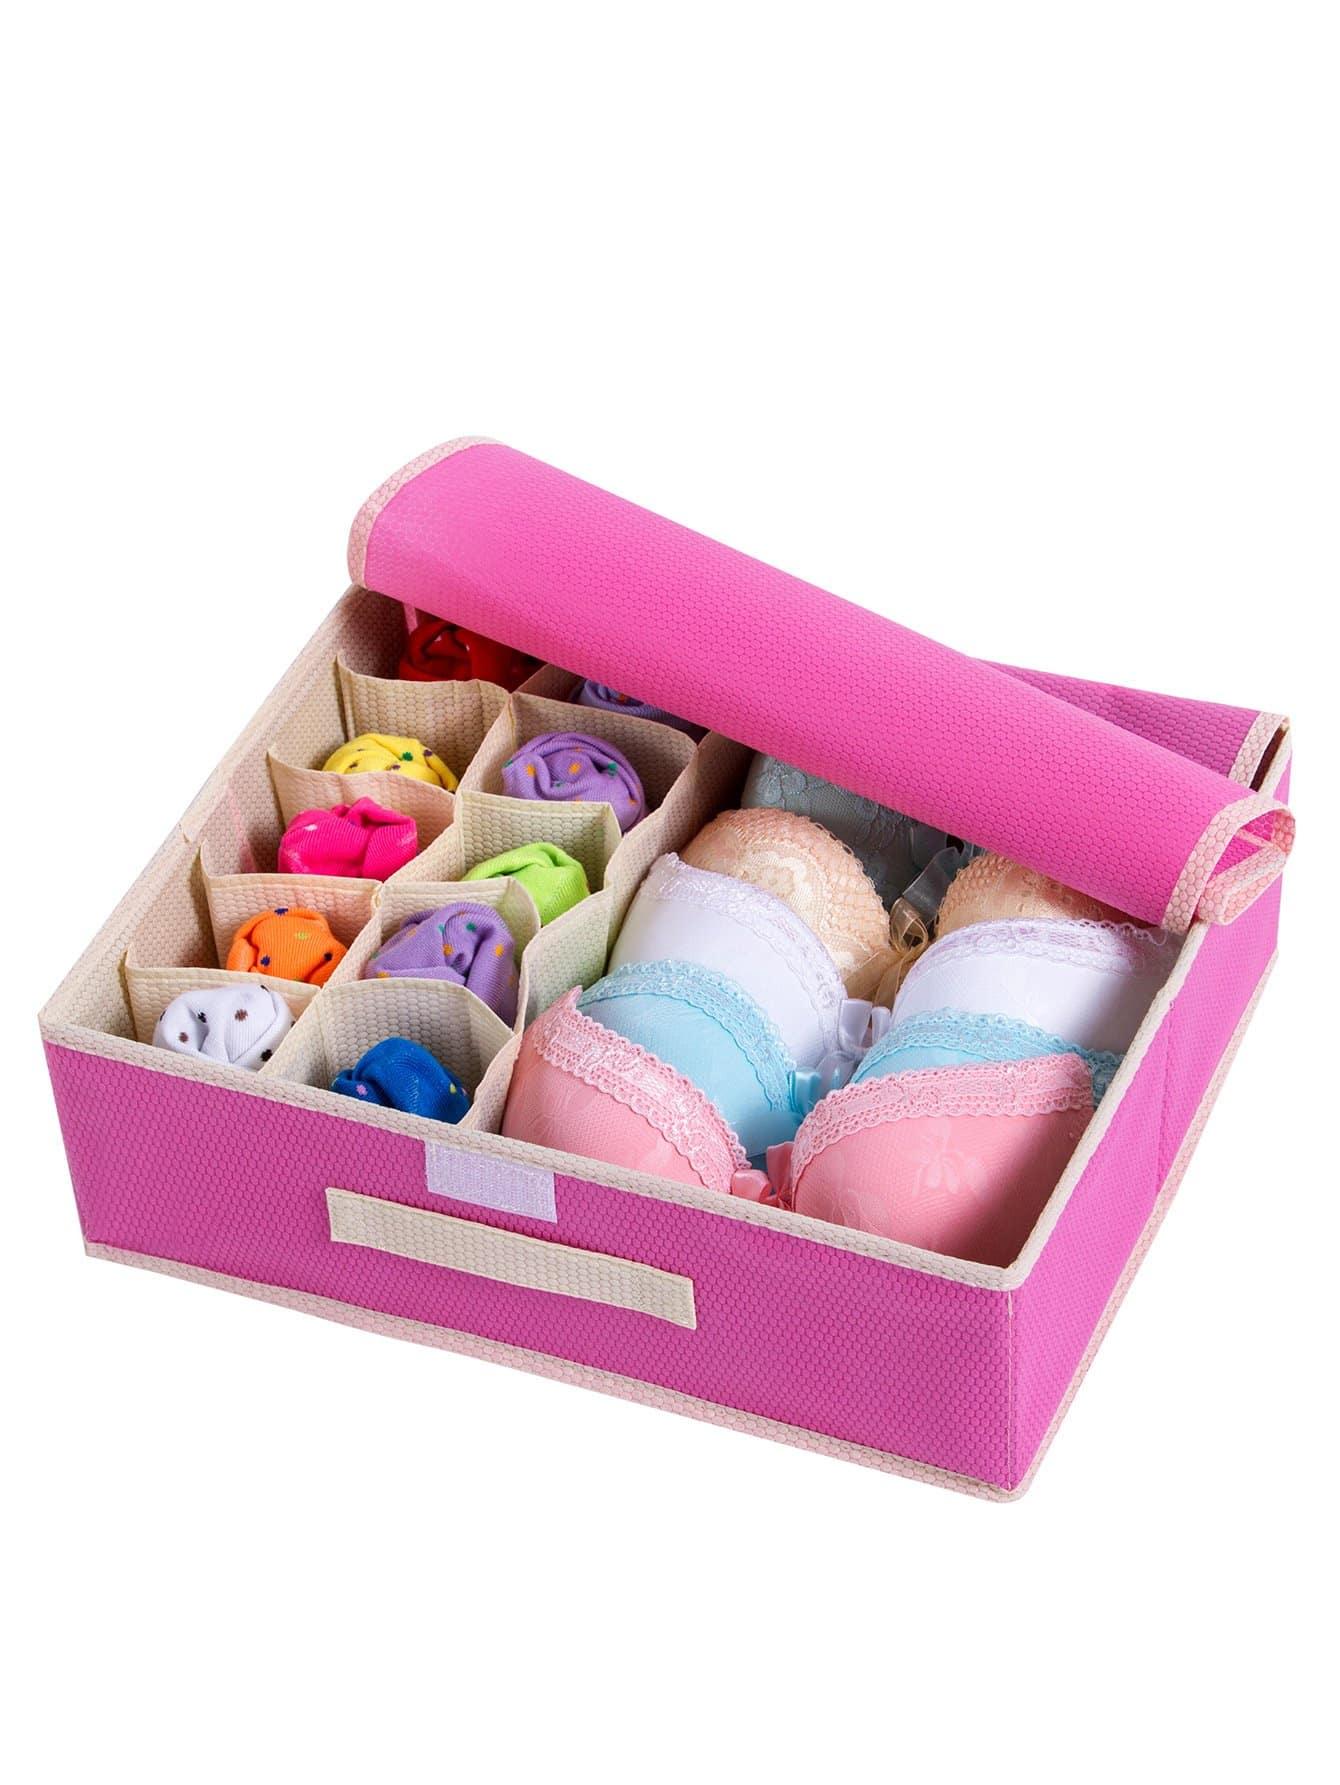 Купить 11 сетка коробка для хранения нижнего белья, null, SheIn